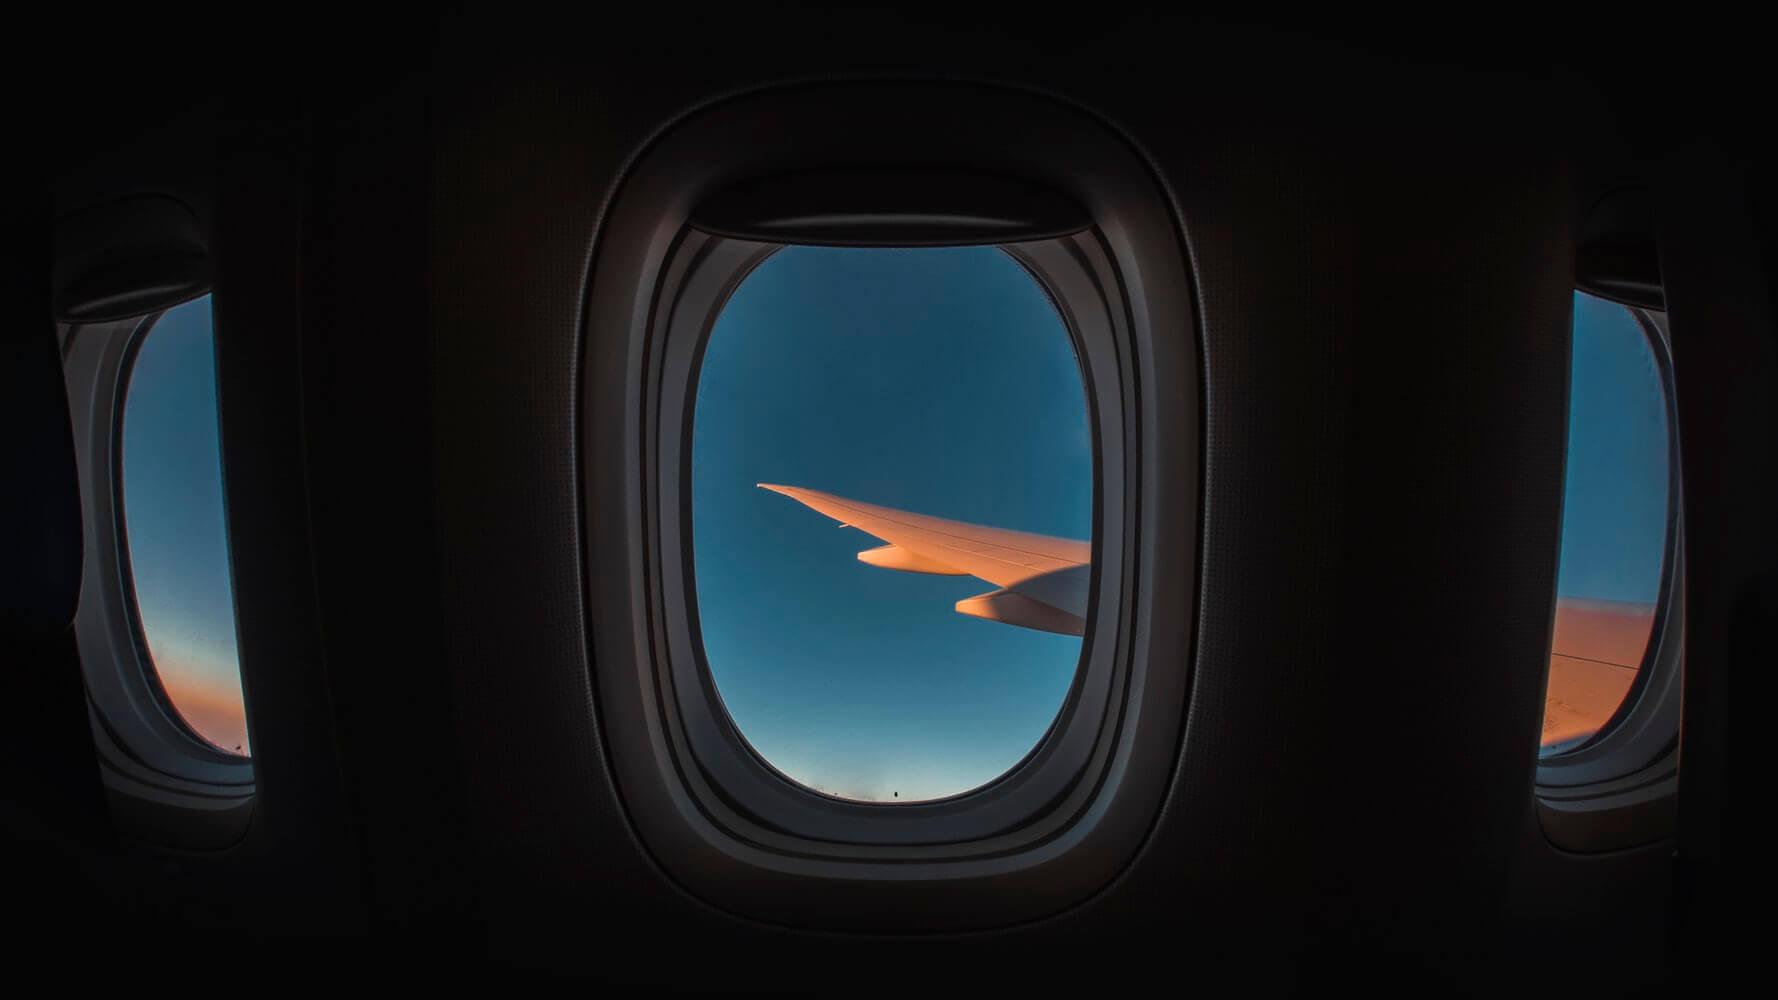 Поясним за новости: почему жительница Берлина ездит на свидания с самолётом